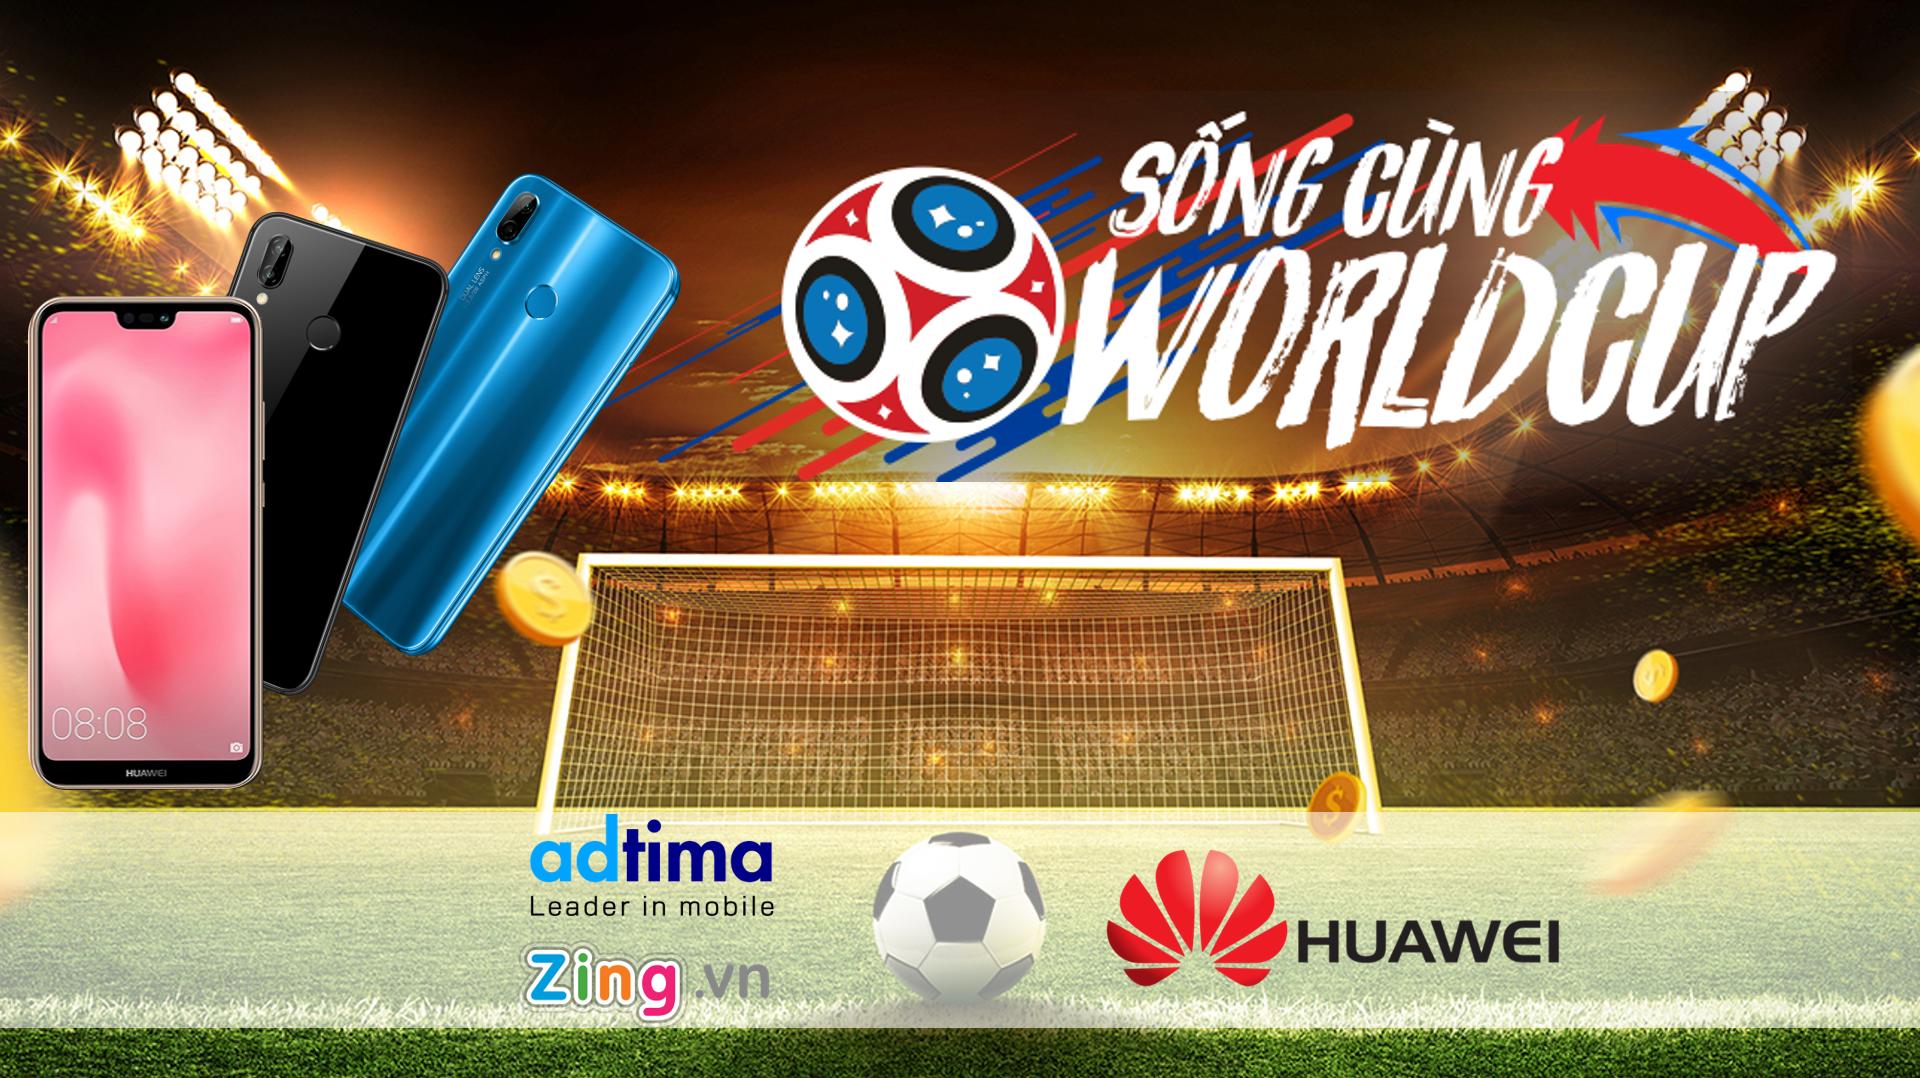 Cuộc thi ảnh ra đời từ sự kết hợp giữa Adtima và Huawei trên nền tảng Zing.vn